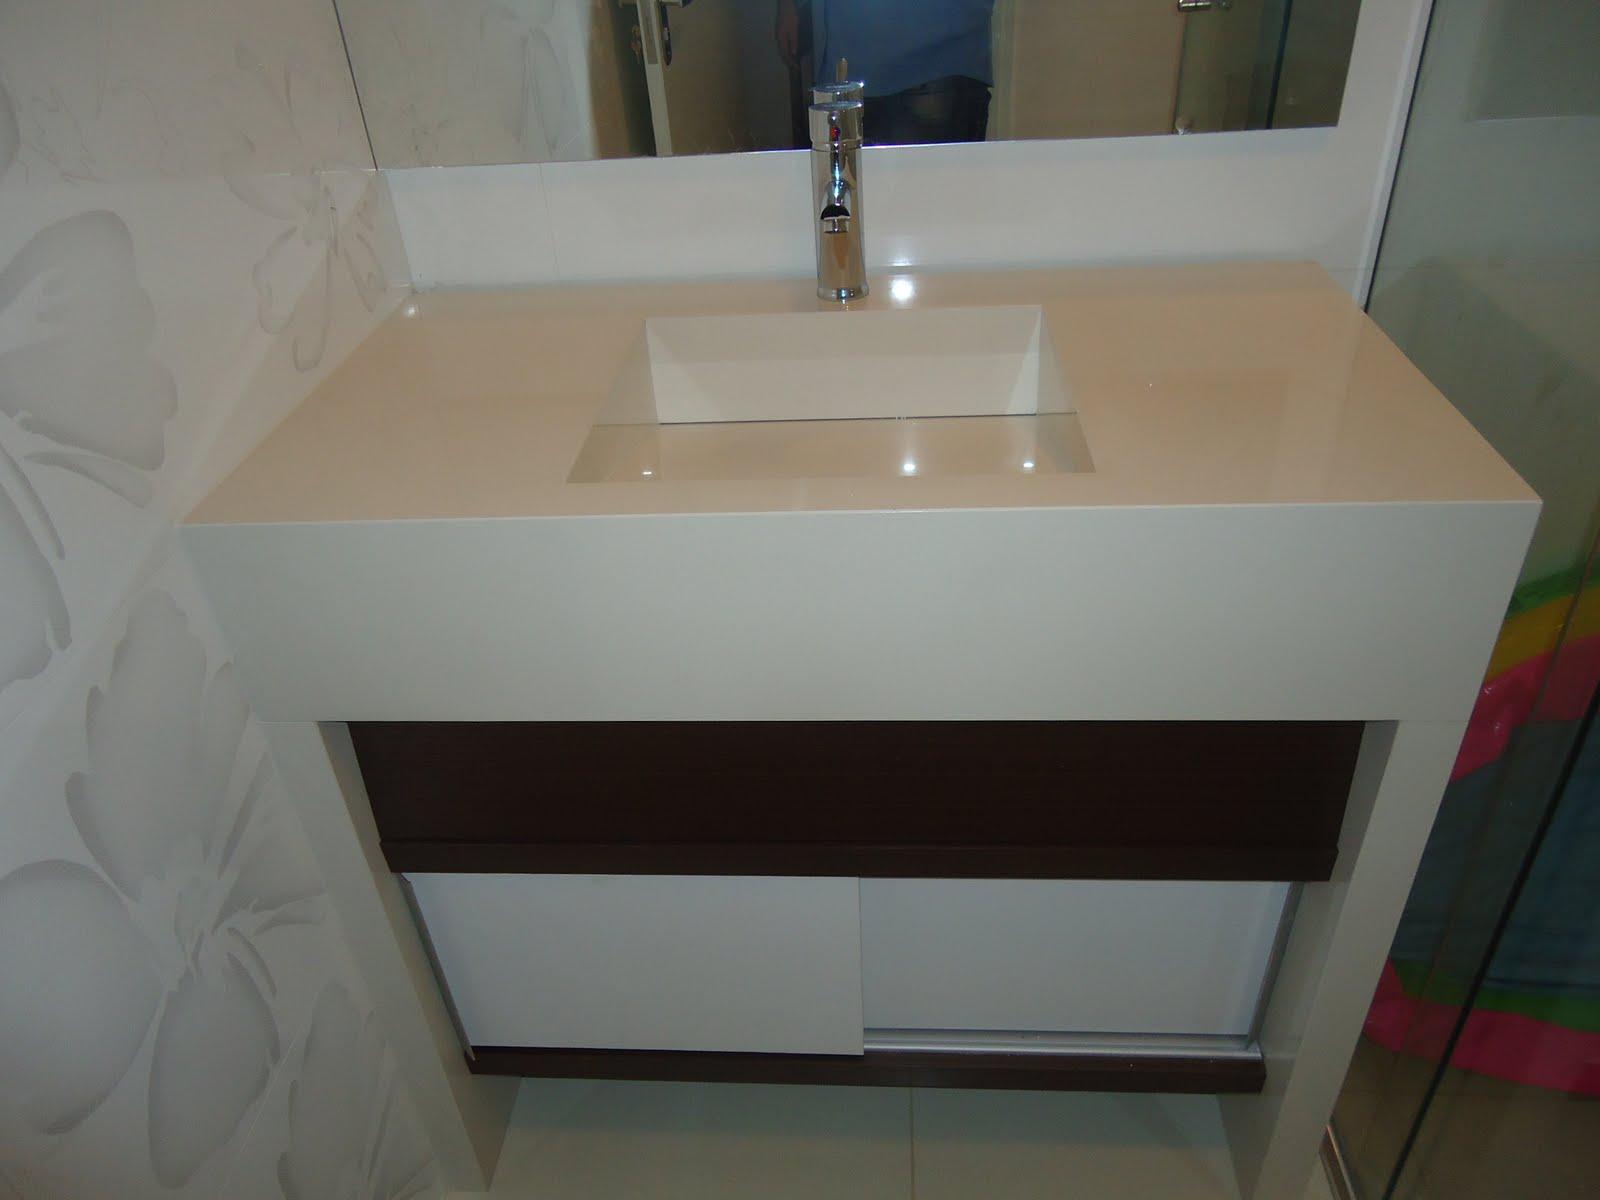 inovarte: BANHEIROS E LAVABOS DE PORCELANATO #344659 1600x1200 Banheiro Com Bancada De Porcelanato